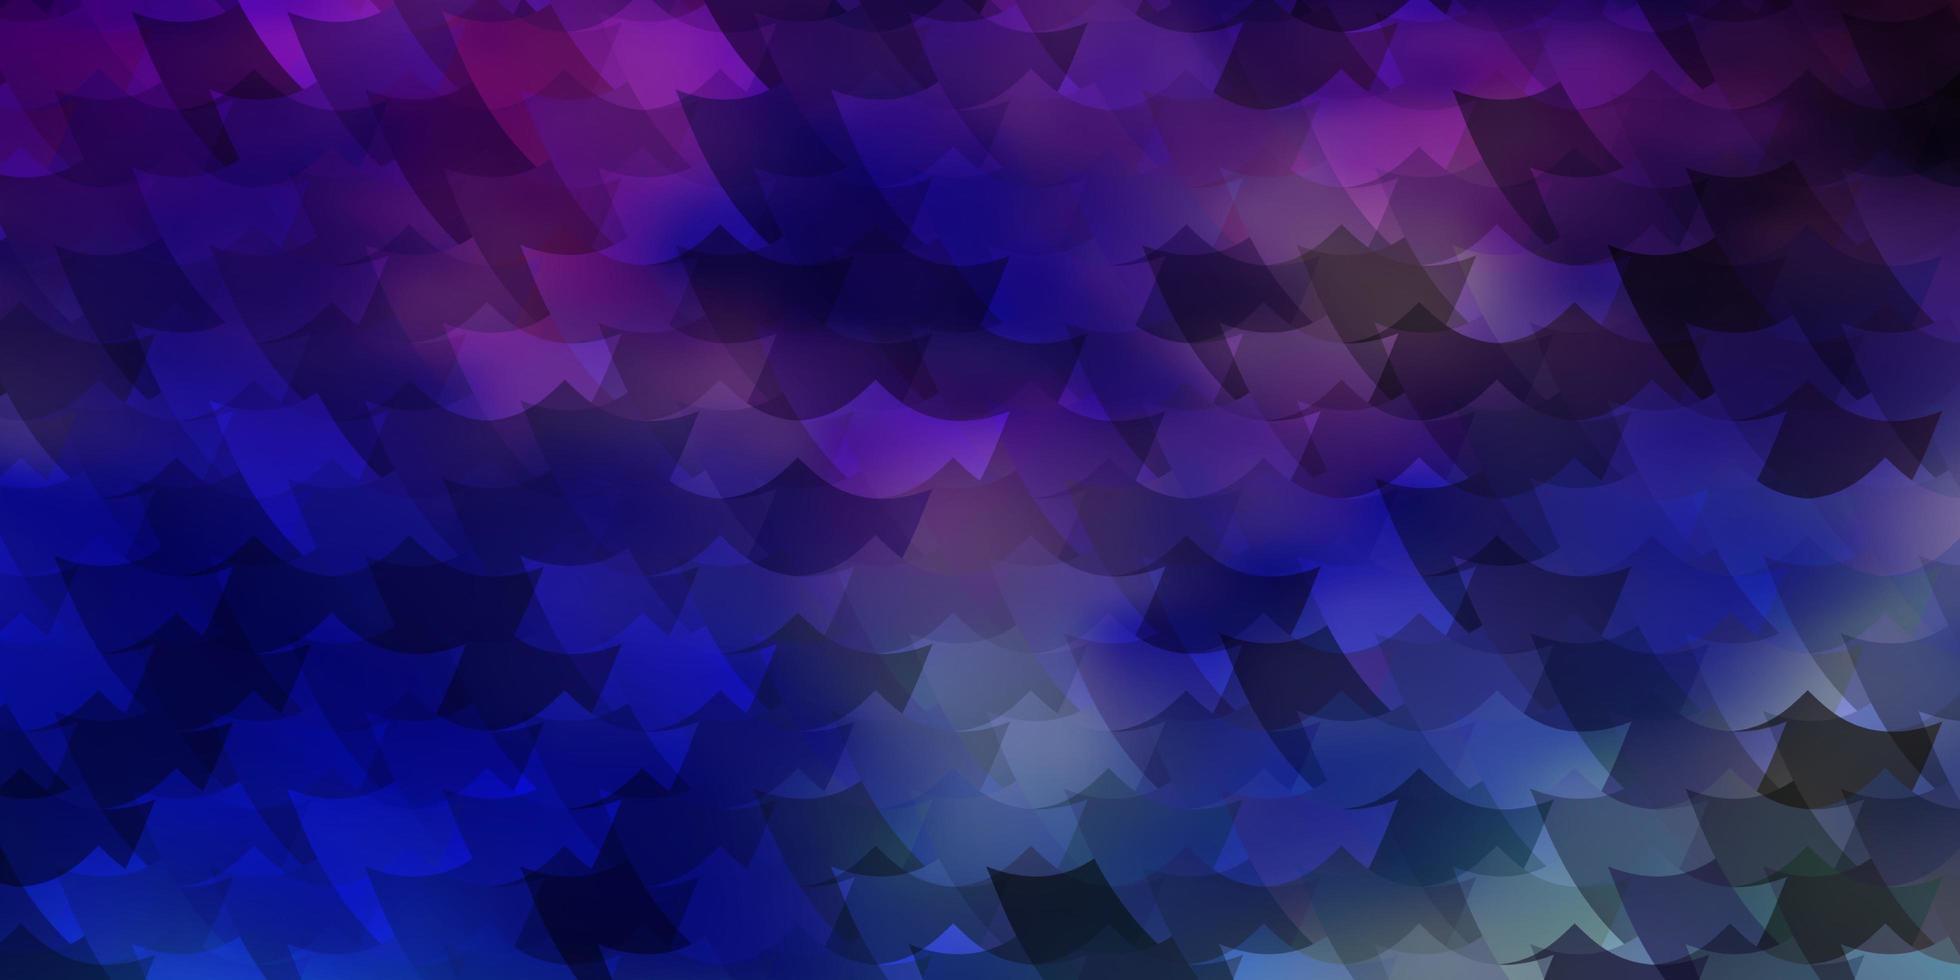 luz de fundo vector multicolor com retângulos.